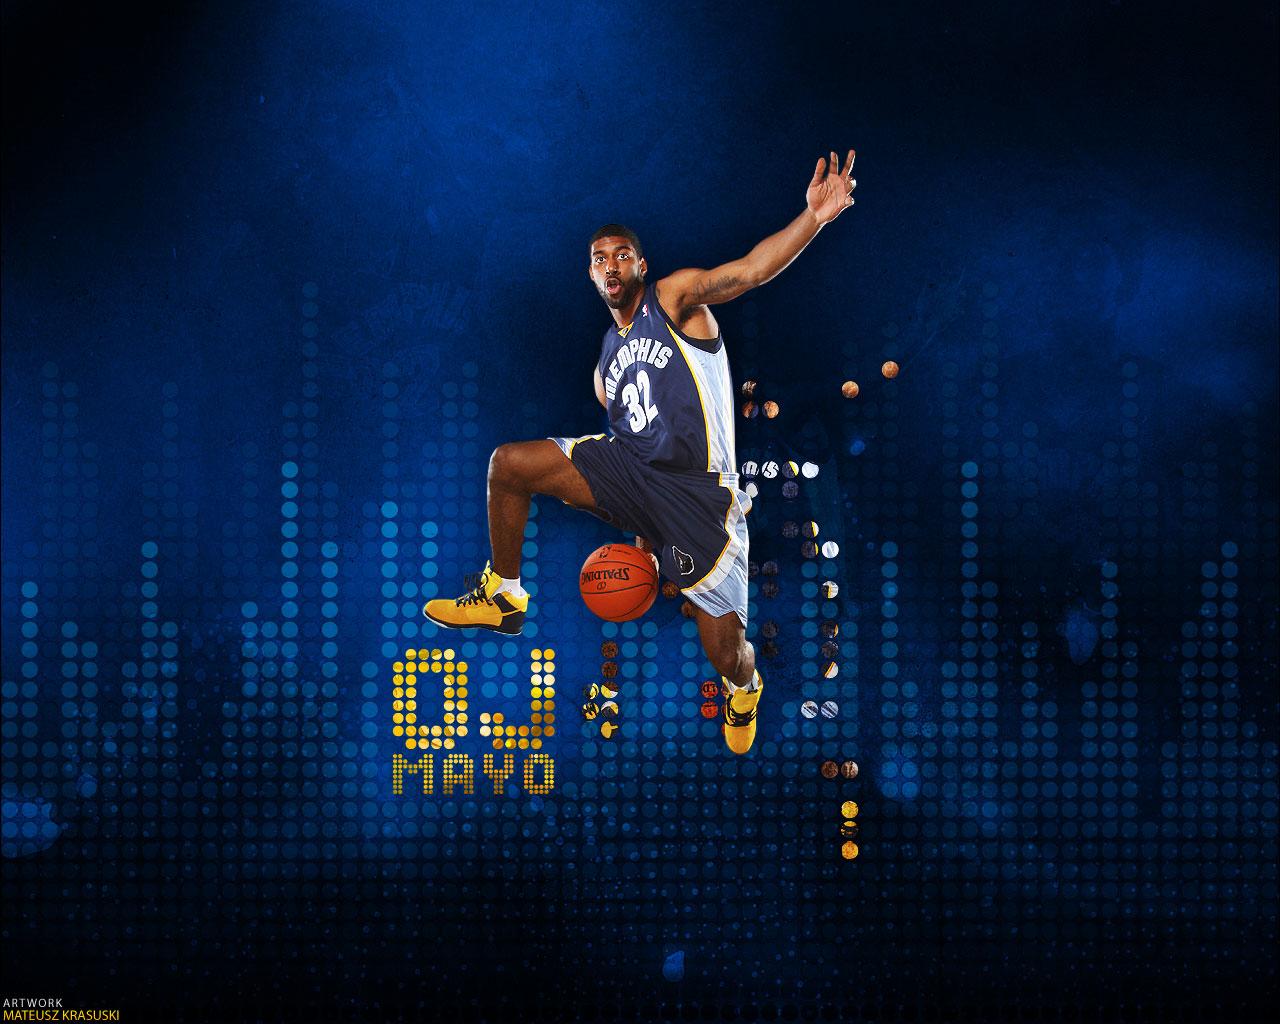 O J Mayo Slam Dunk Wallpaper Basketball Wallpapers At